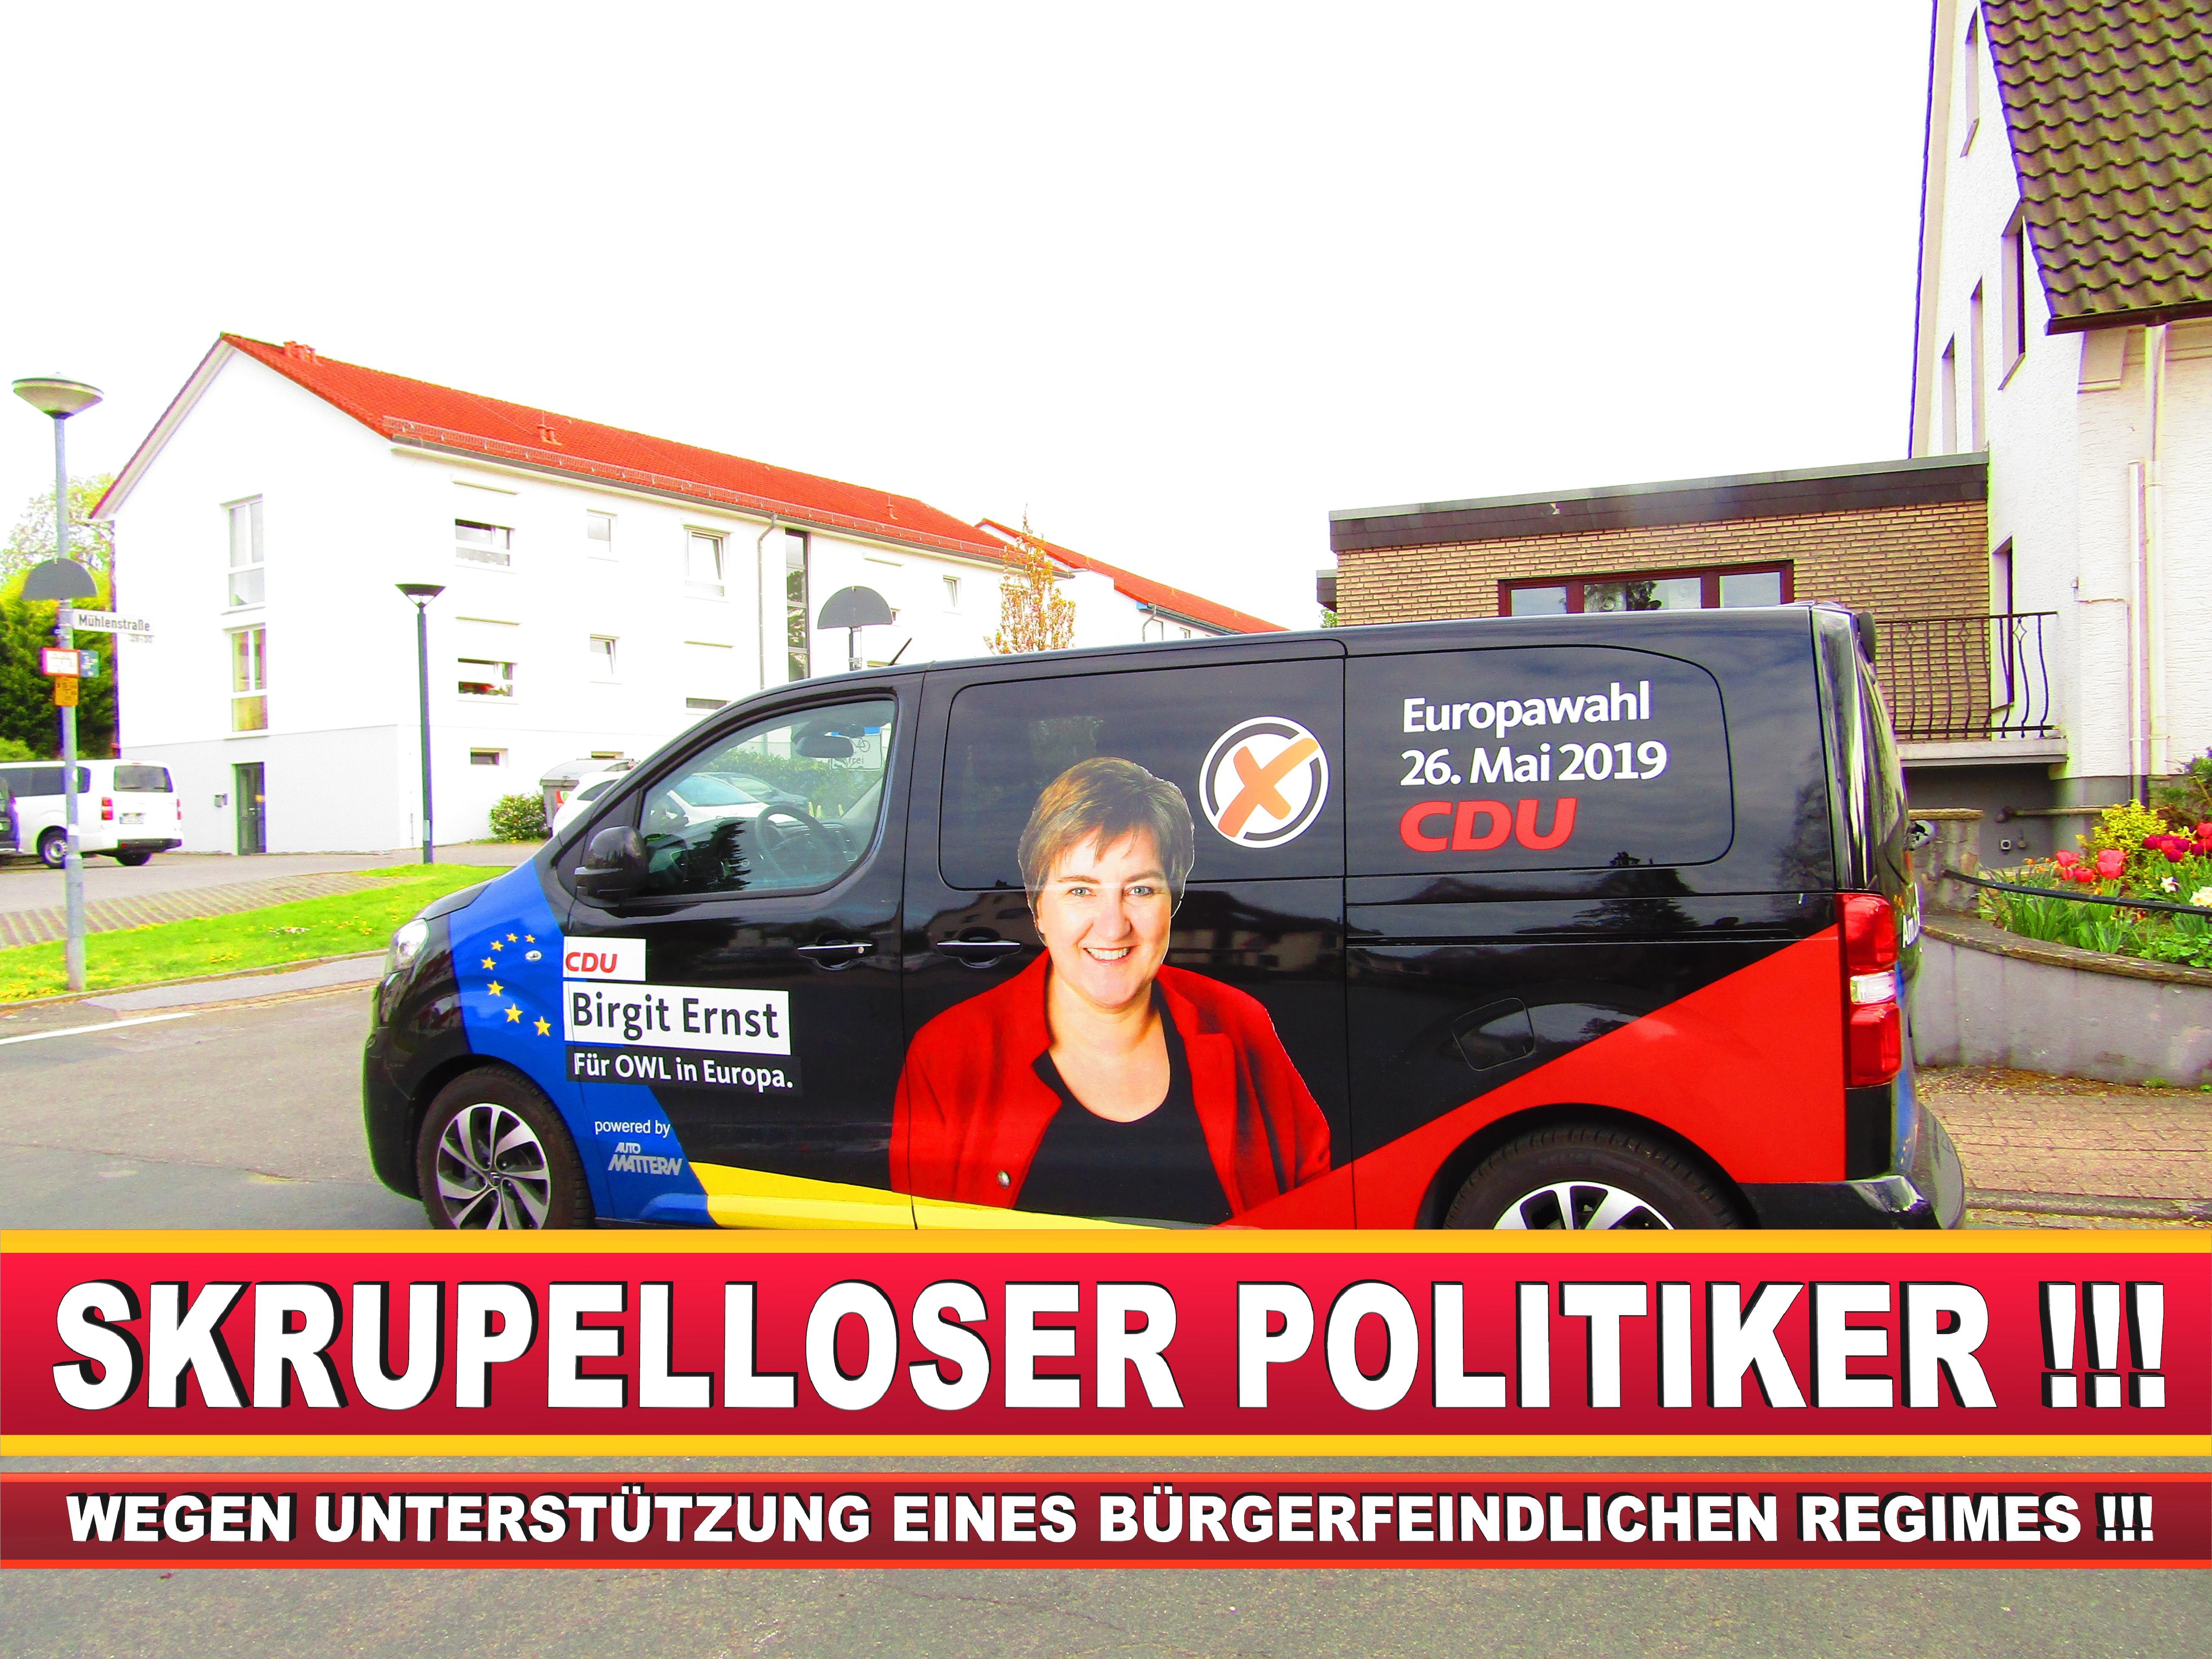 Europawahl Deutschland Birgit Ernst CDU (29)